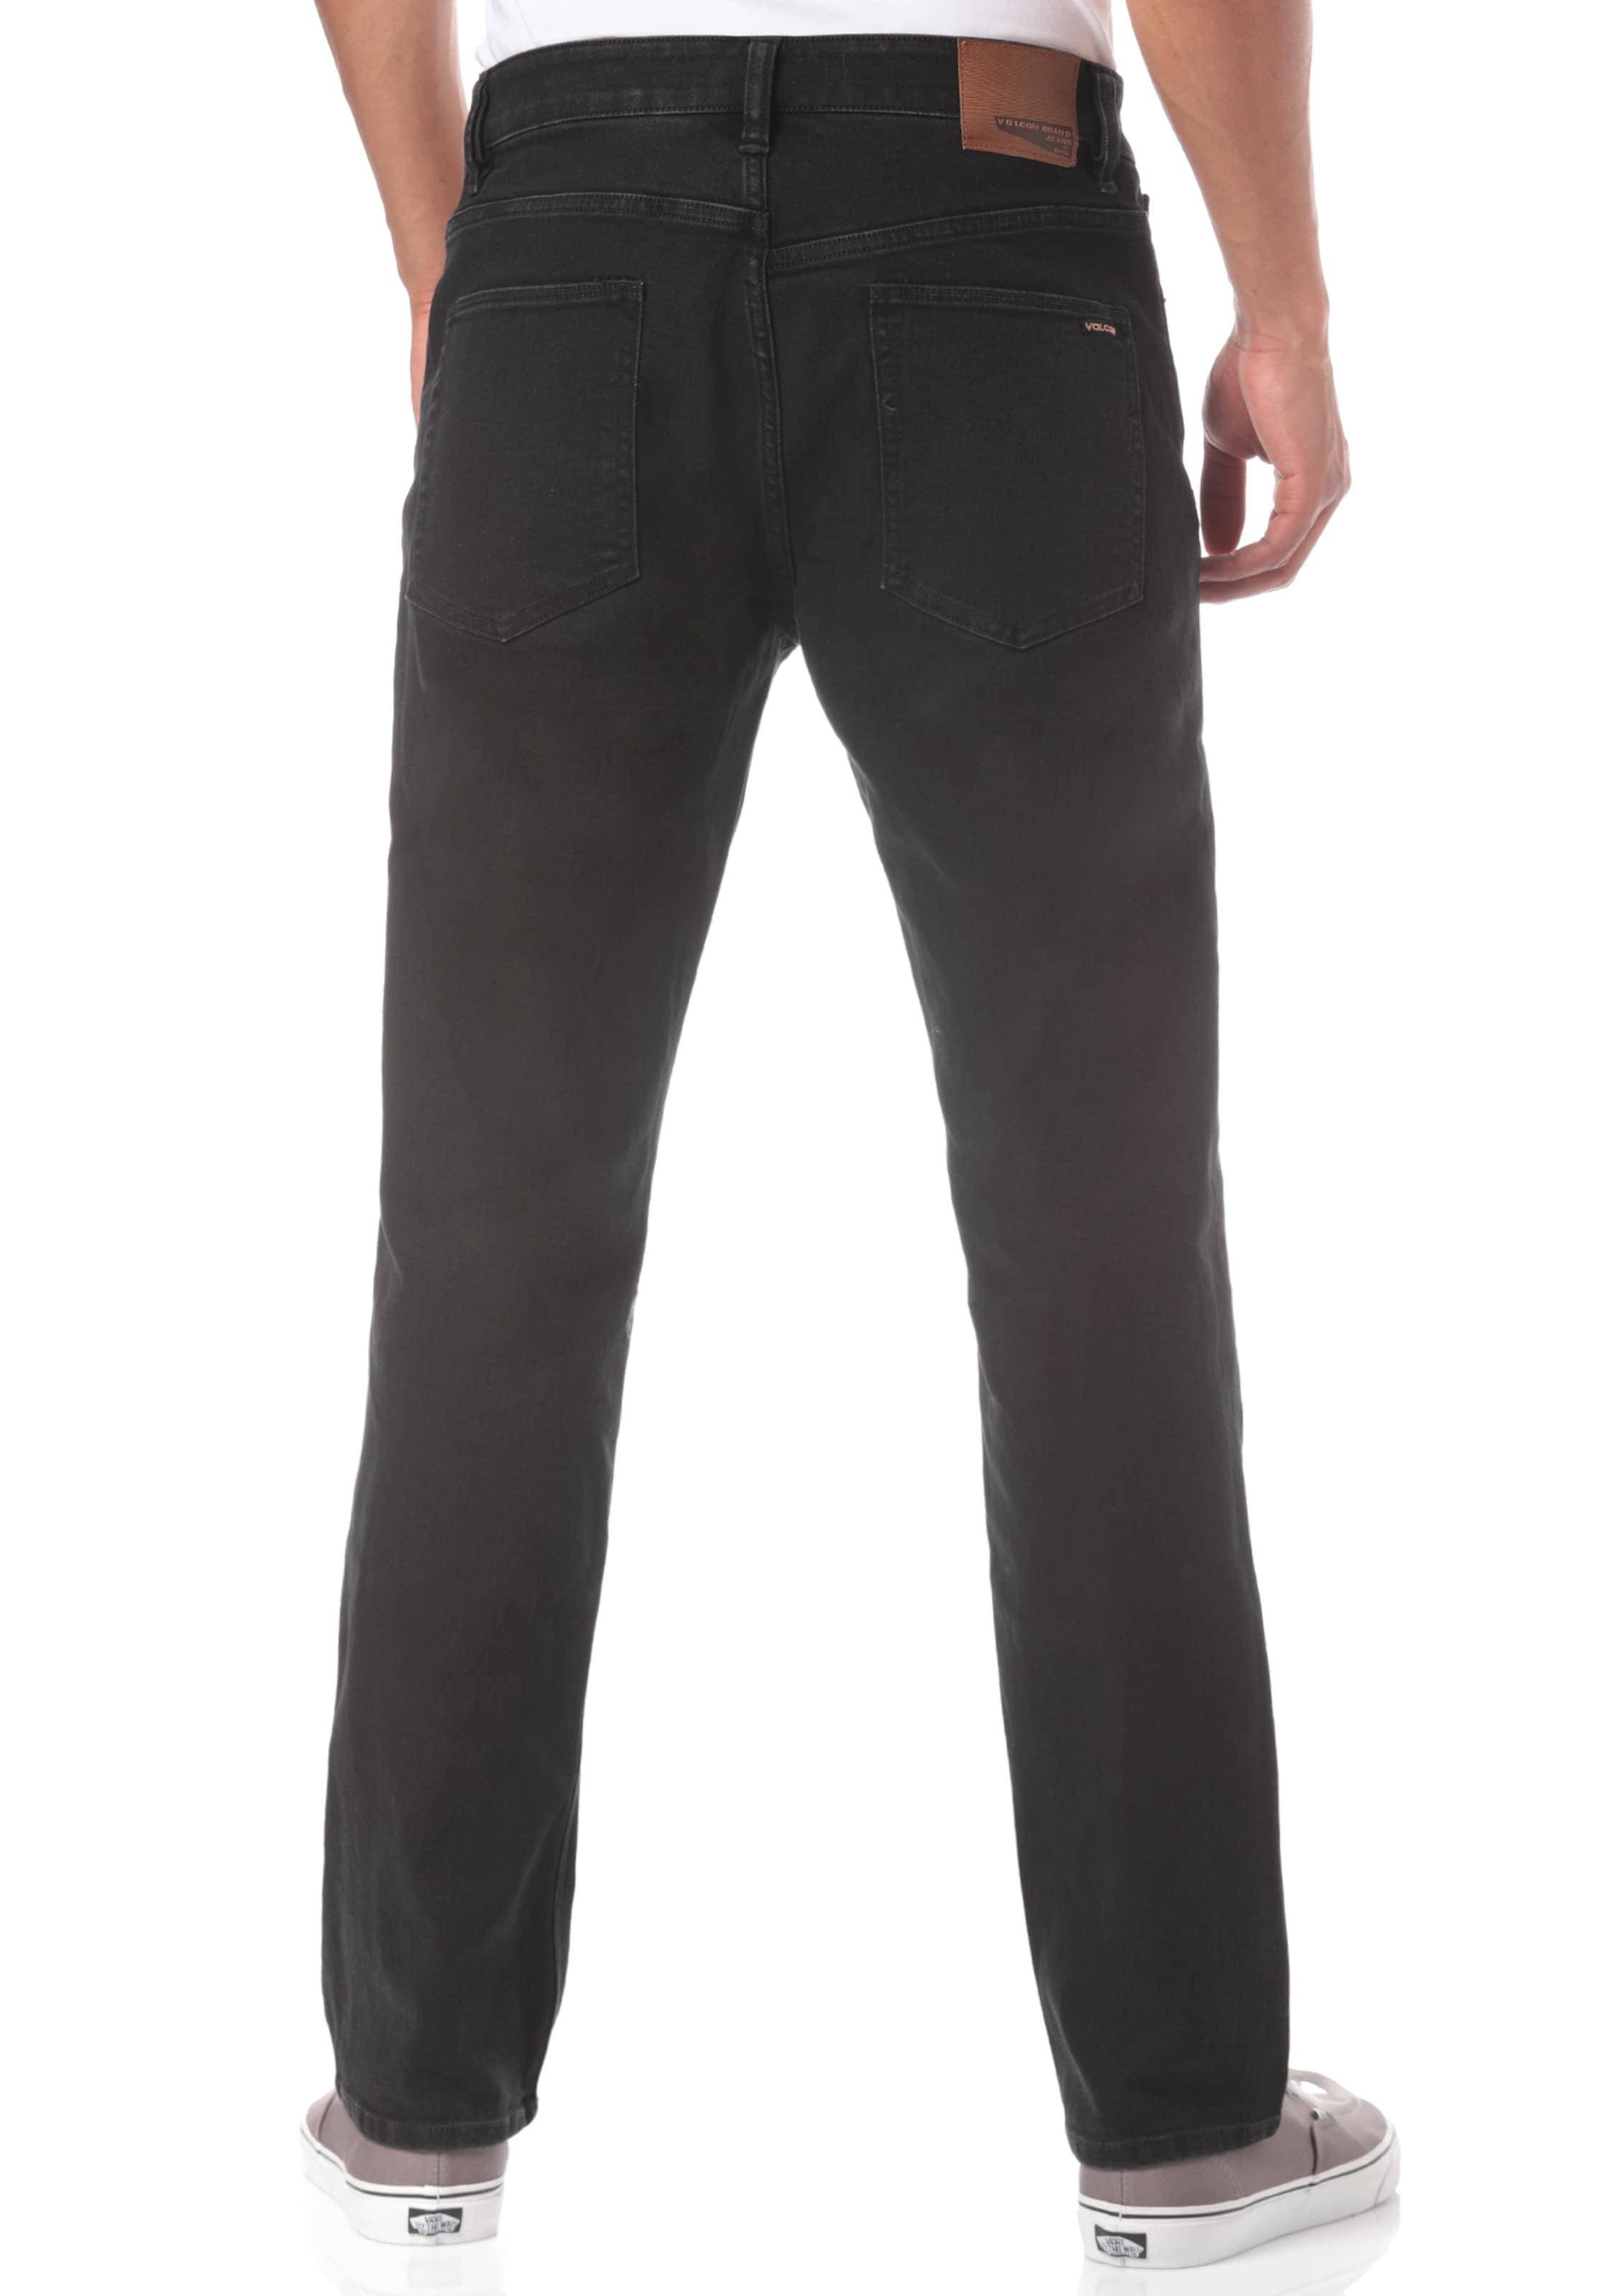 Schwarz Jeans In 'kinkade' Volcom Volcom SpUMzV